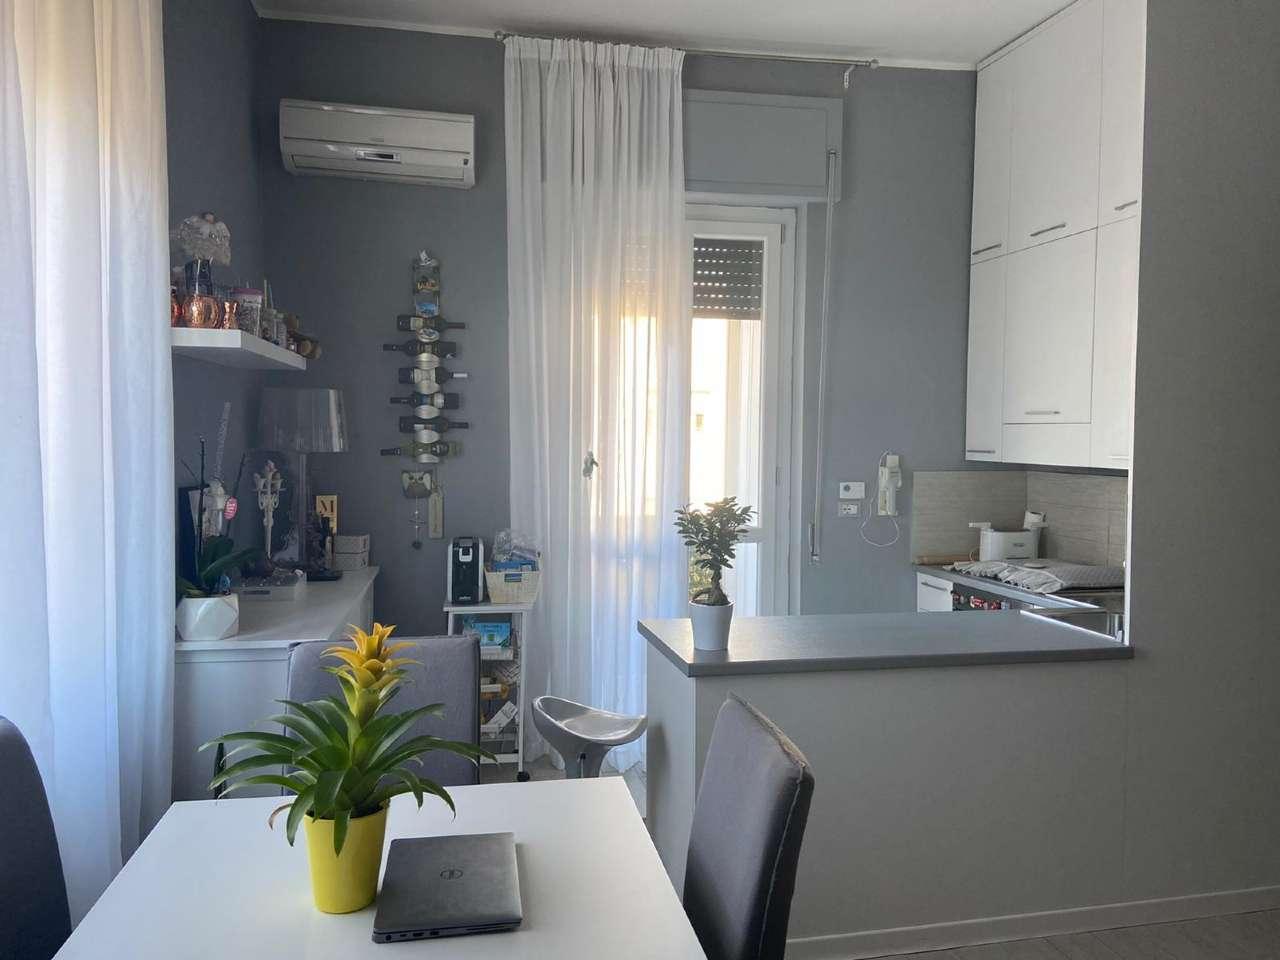 Appartamento, Viale degli Alimena, Centro, Cosenza, foto 2